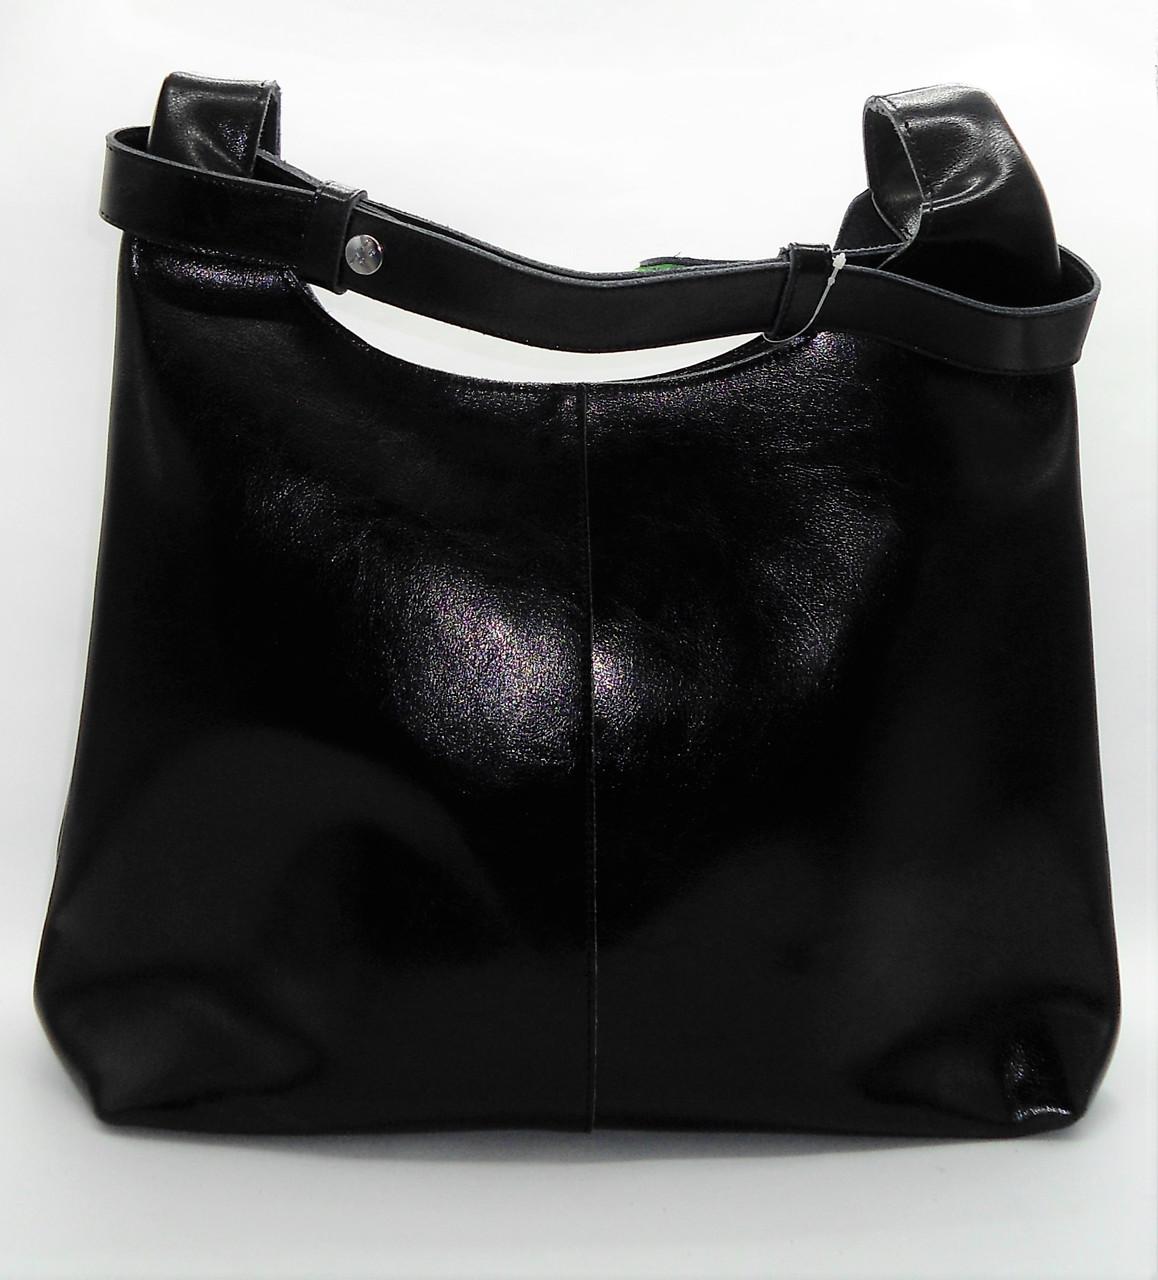 d6a1de2da3db Эффектная женская из натуральной кожи черного цвета на плечо FDG-352592 -  Интернет- магазин